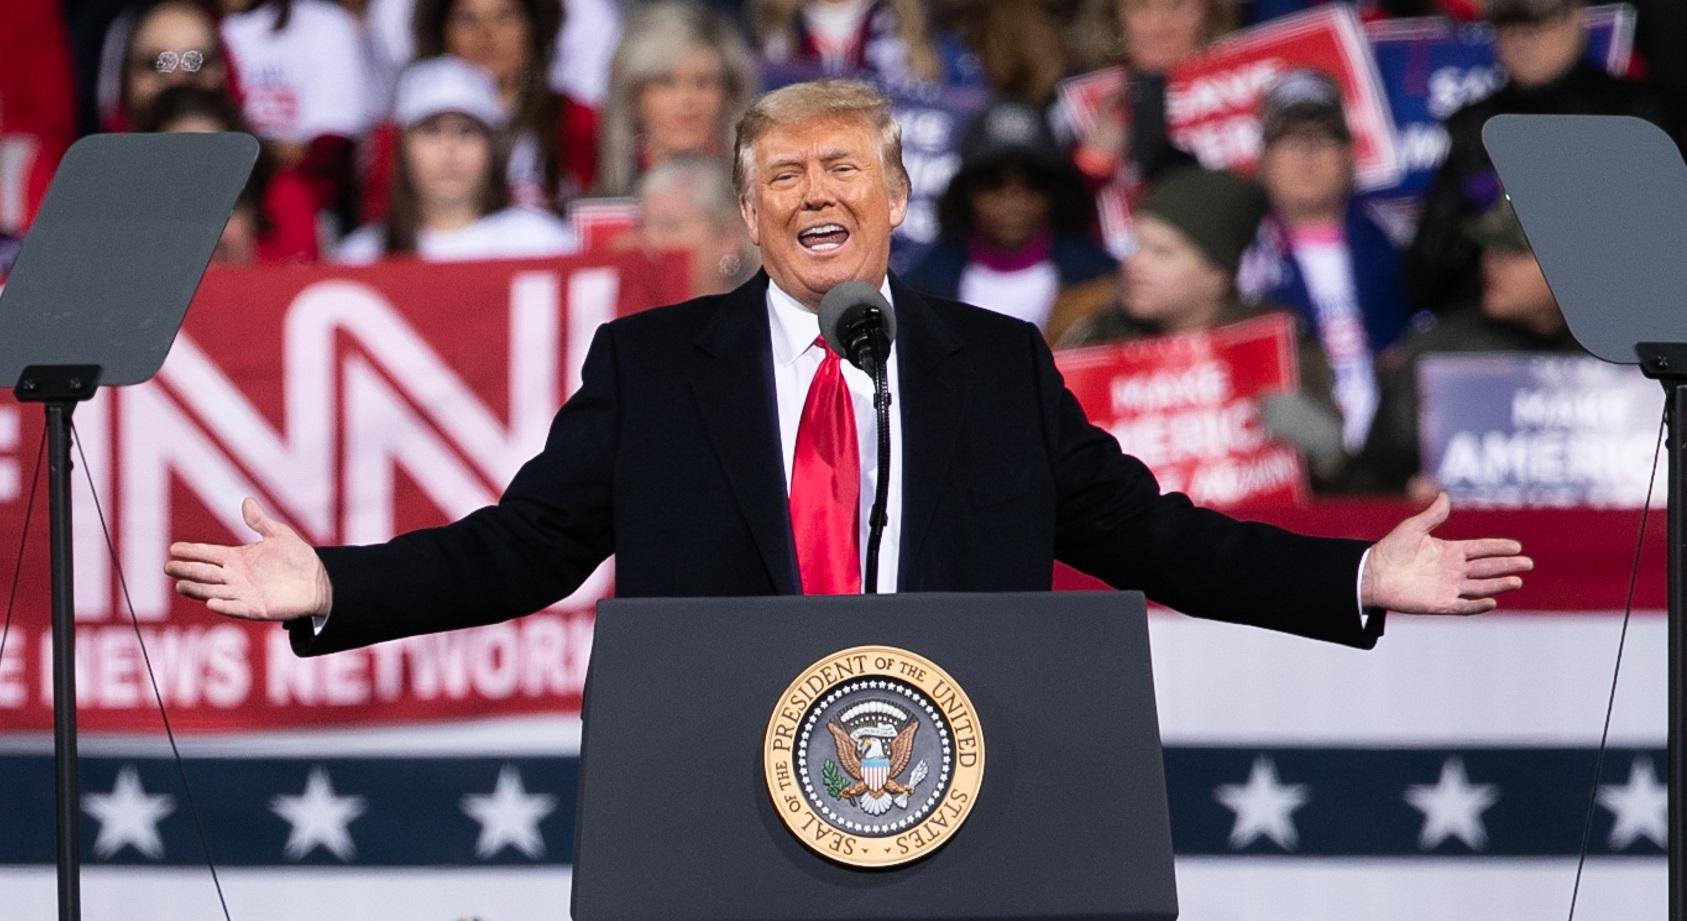 ジョージア州の選挙集会で演説するトランプ大統領=2020年12月5日、ジョージア州バルドスタ 撮影・ランハム裕子